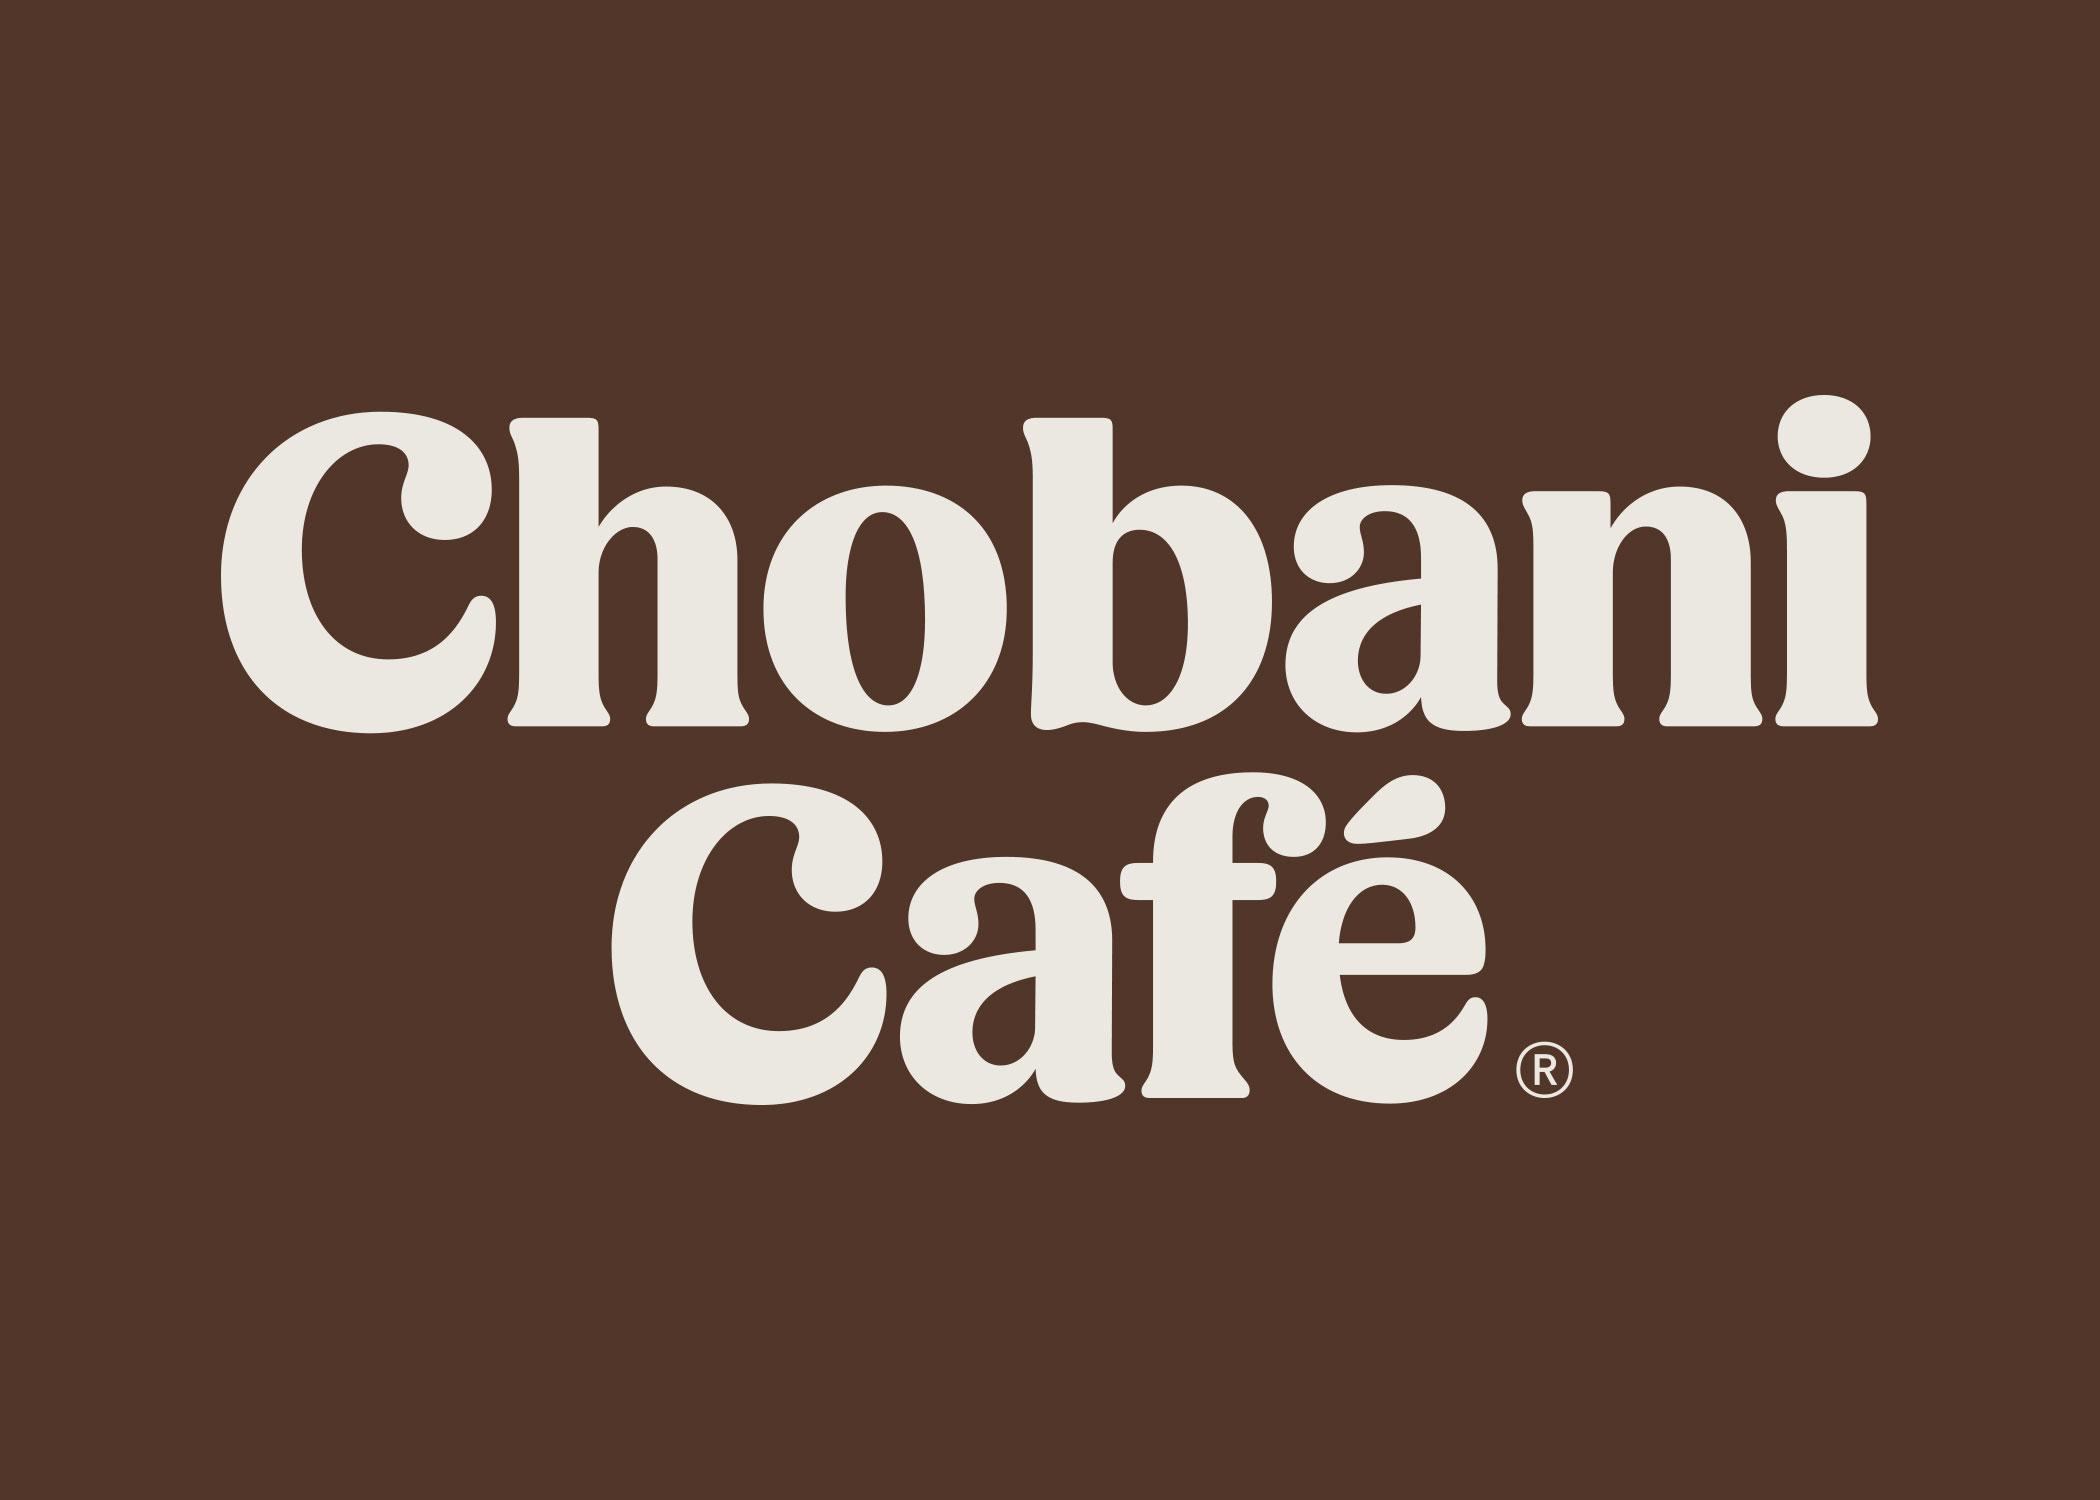 Chobani Café Wordmark